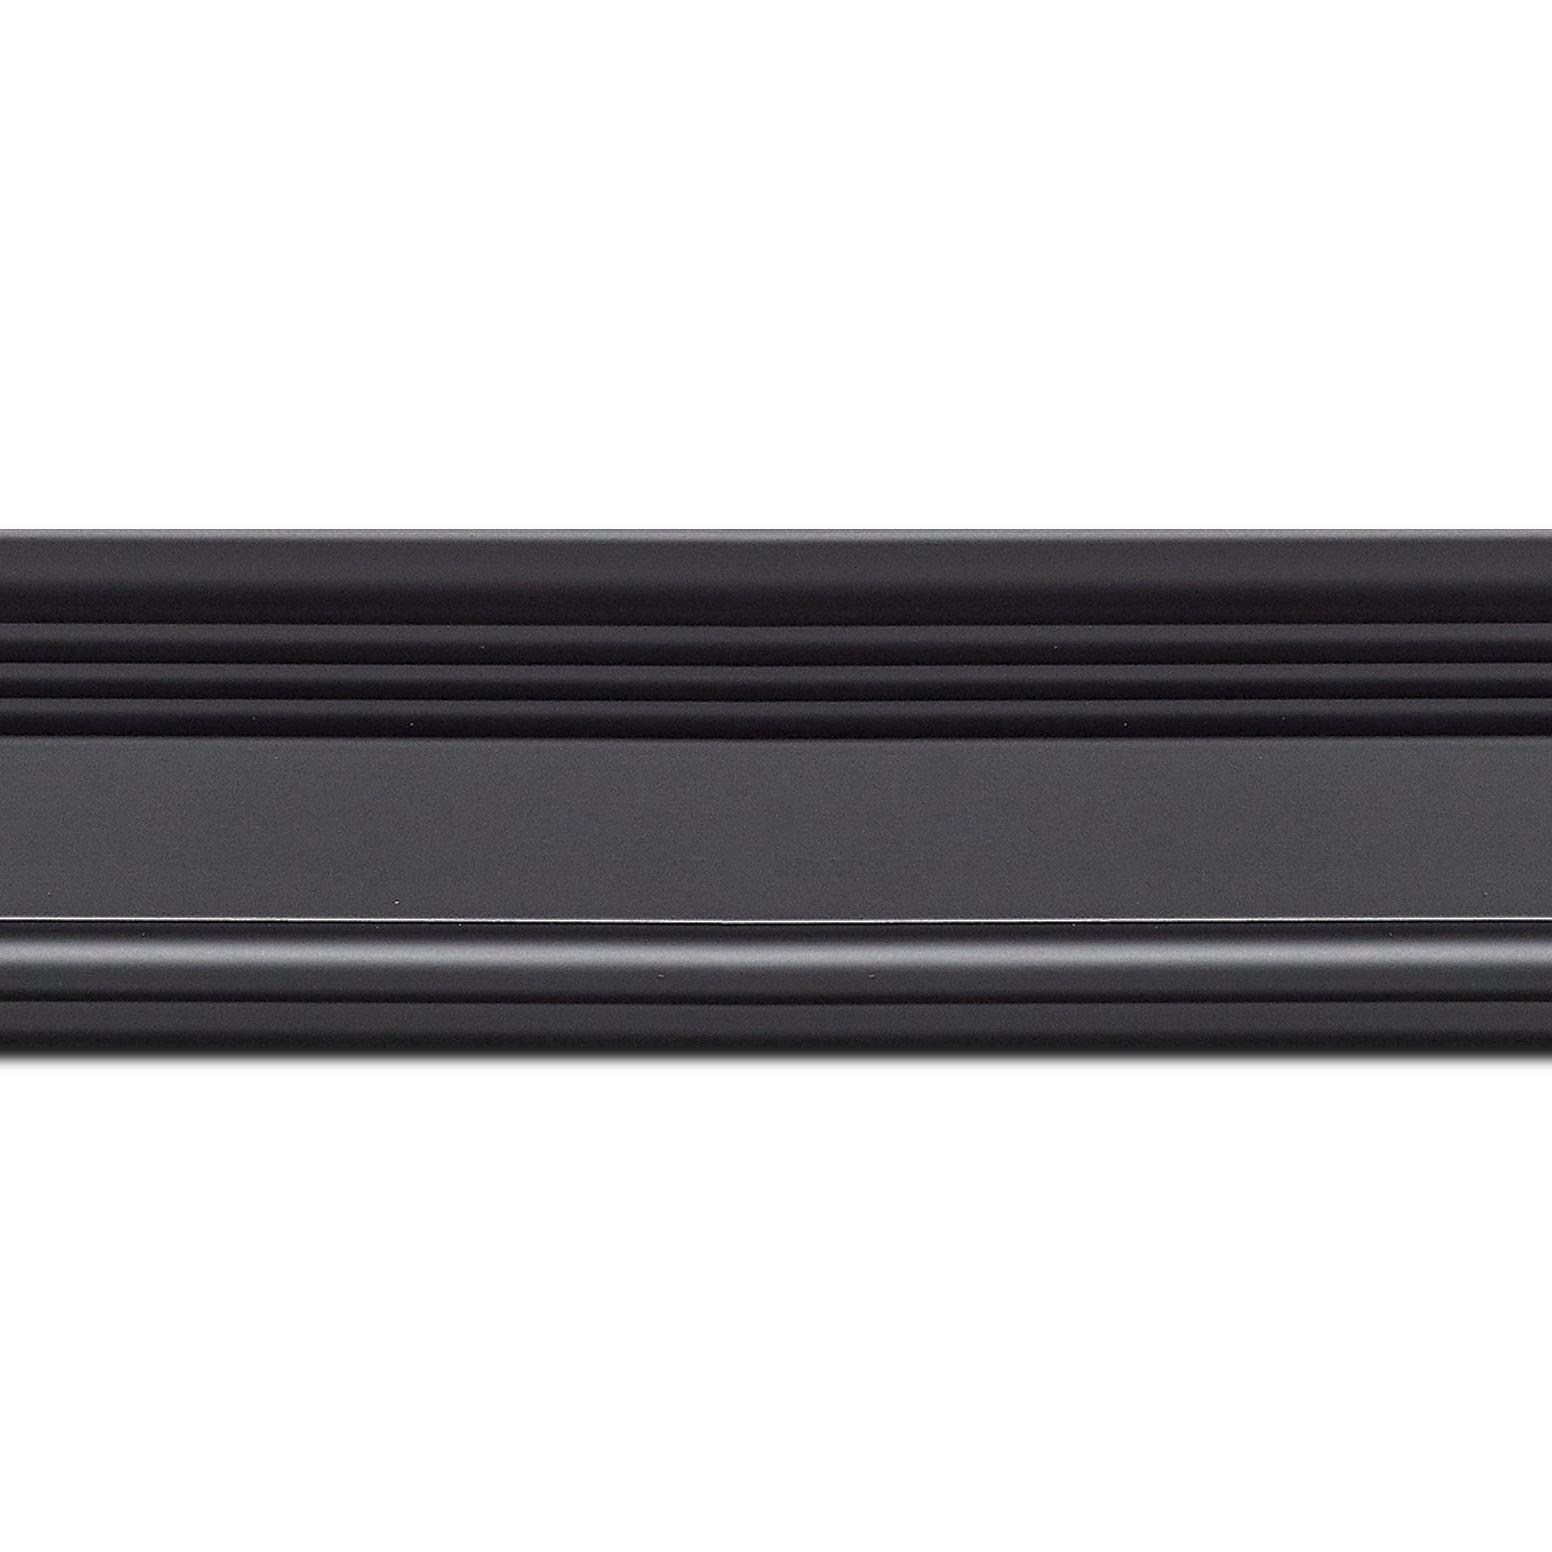 Pack par 12m, bois profil braque largeur 5.2cm noir mat finition pore bouché(longueur baguette pouvant varier entre 2.40m et 3m selon arrivage des bois)